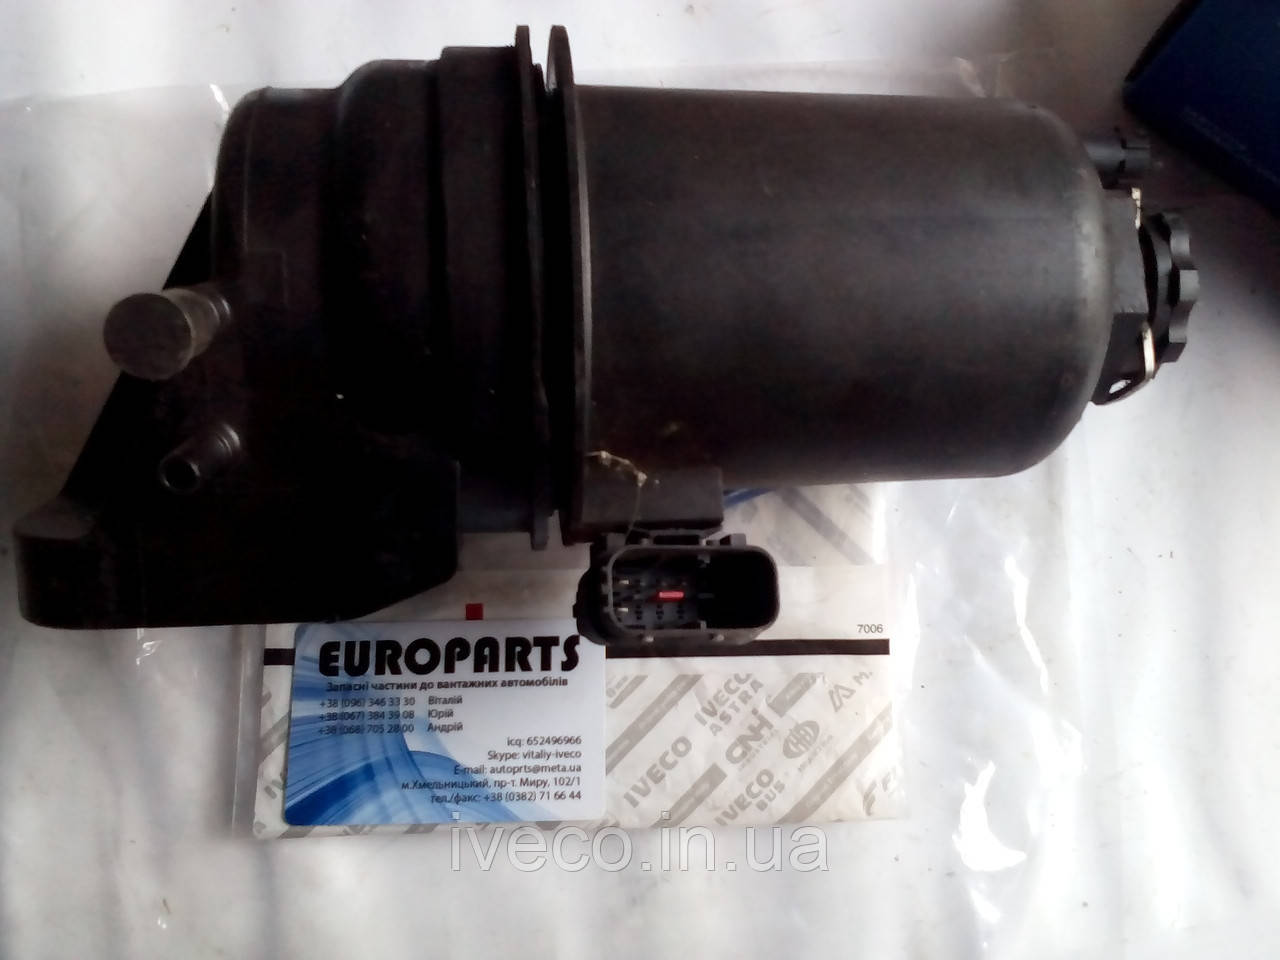 Фильтр топливный в сборе с кронштейном Iveco Dayli  2.3 F1A E5 5801403122 (бу)